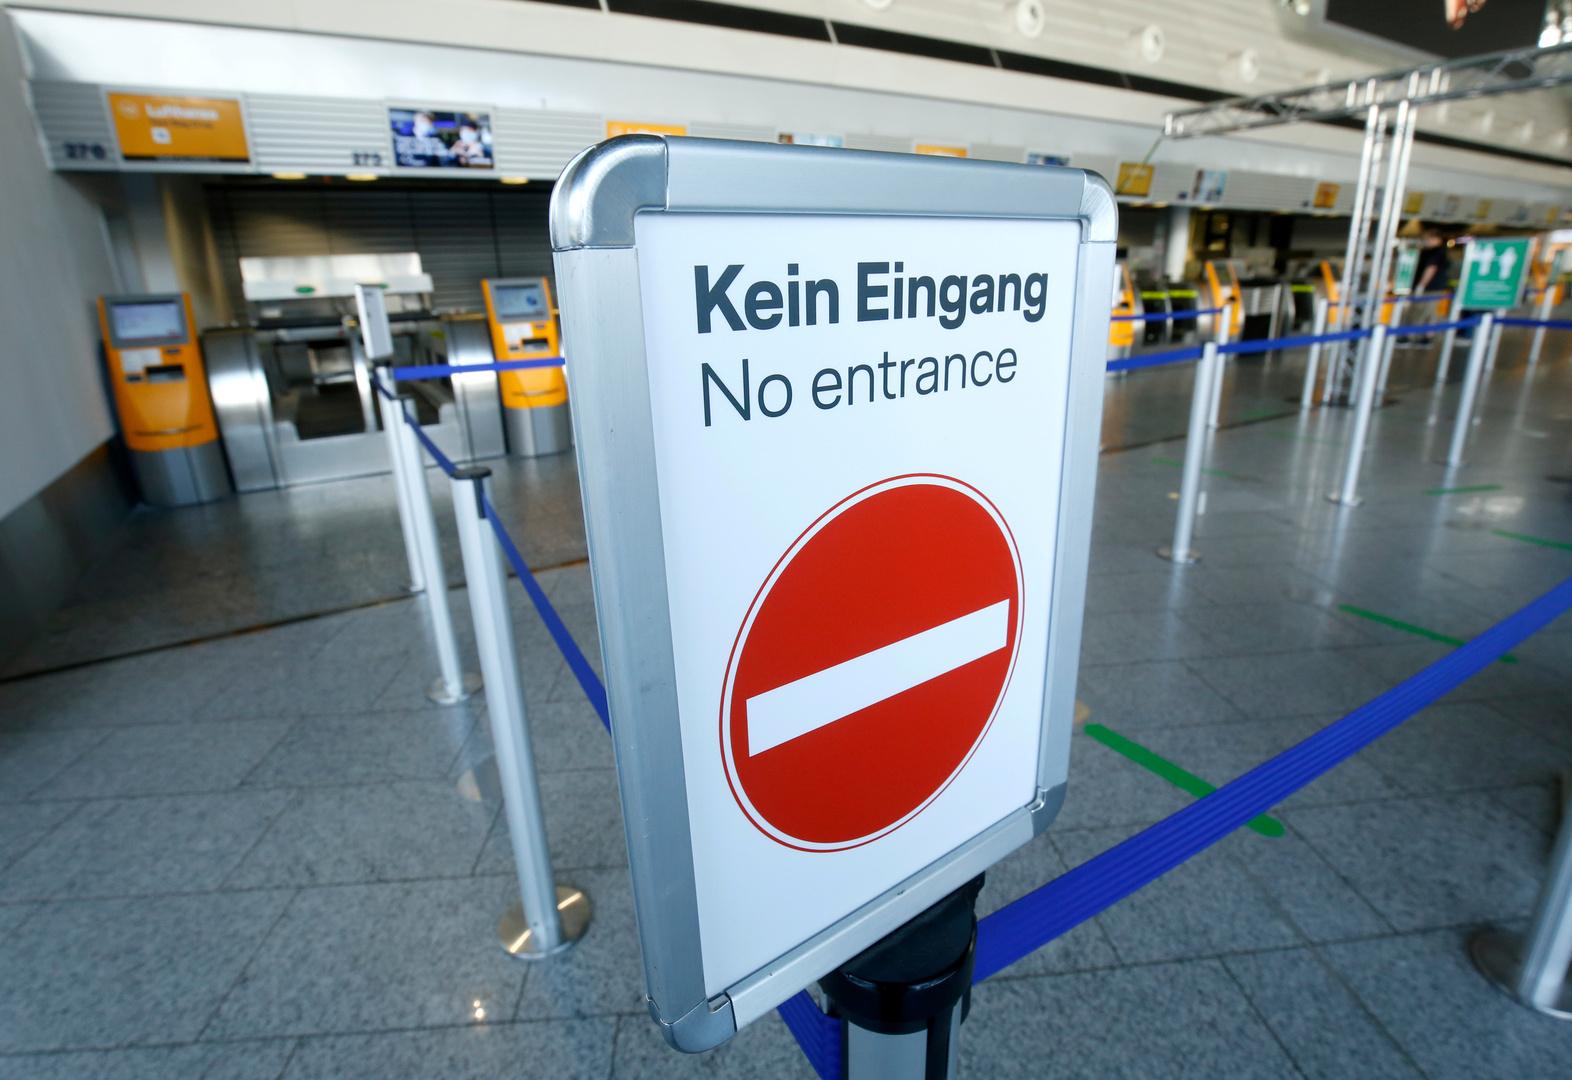 ألمانيا ترفع مستوى تحذيراتها بخصوص السفر